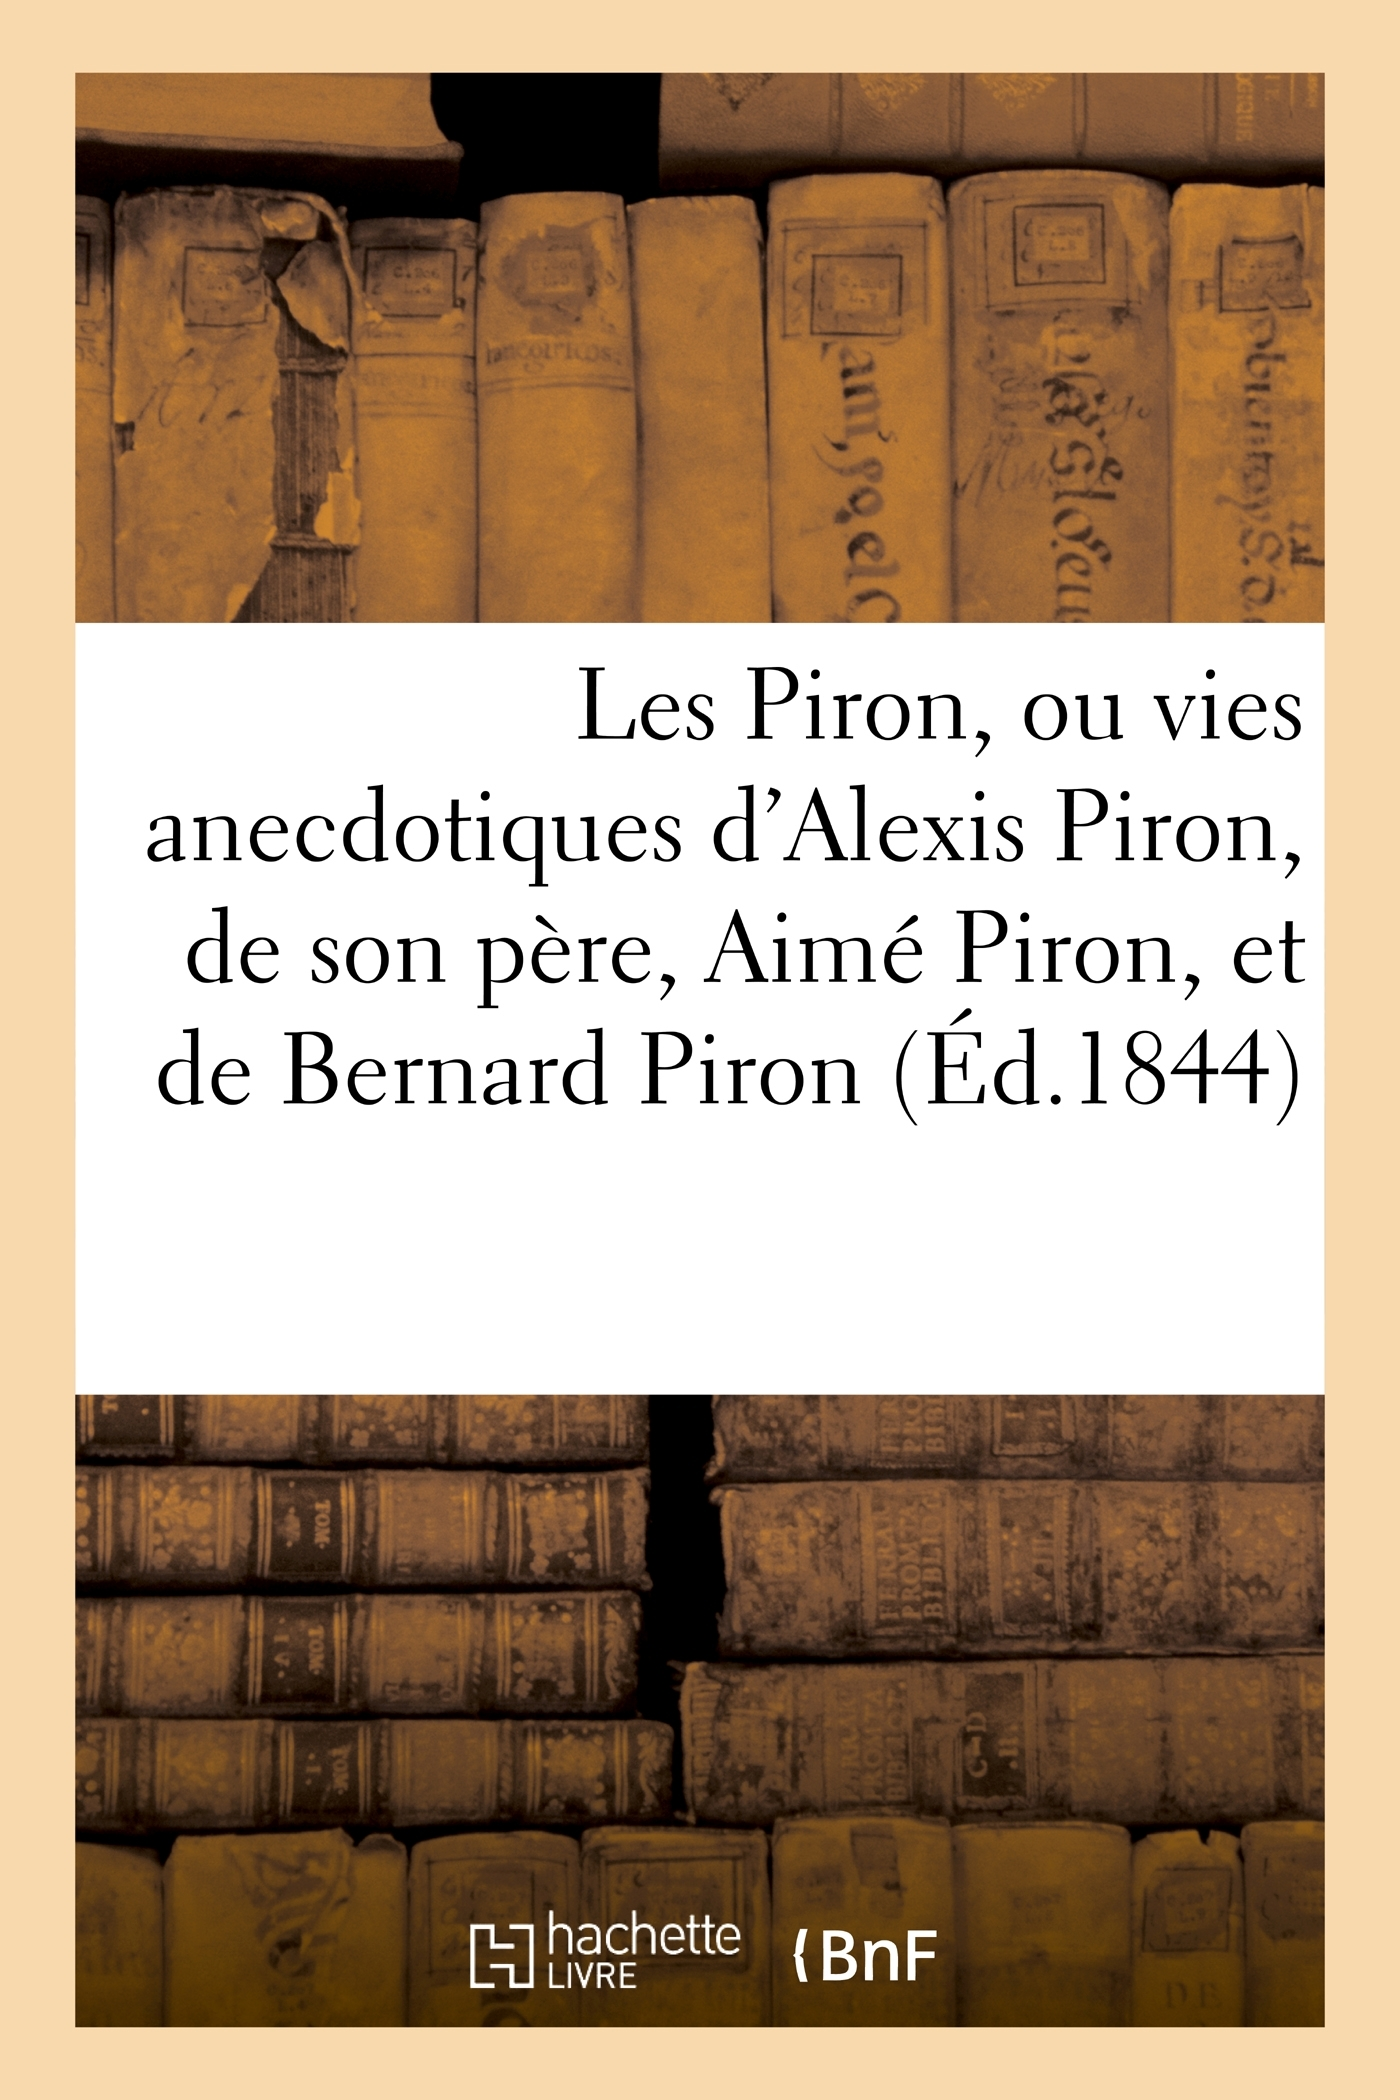 LES PIRON, OU VIES ANECDOTIQUES D'ALEXIS PIRON, DE SON PERE, AIME PIRON, ET DE BERNARD PIRON - , SON